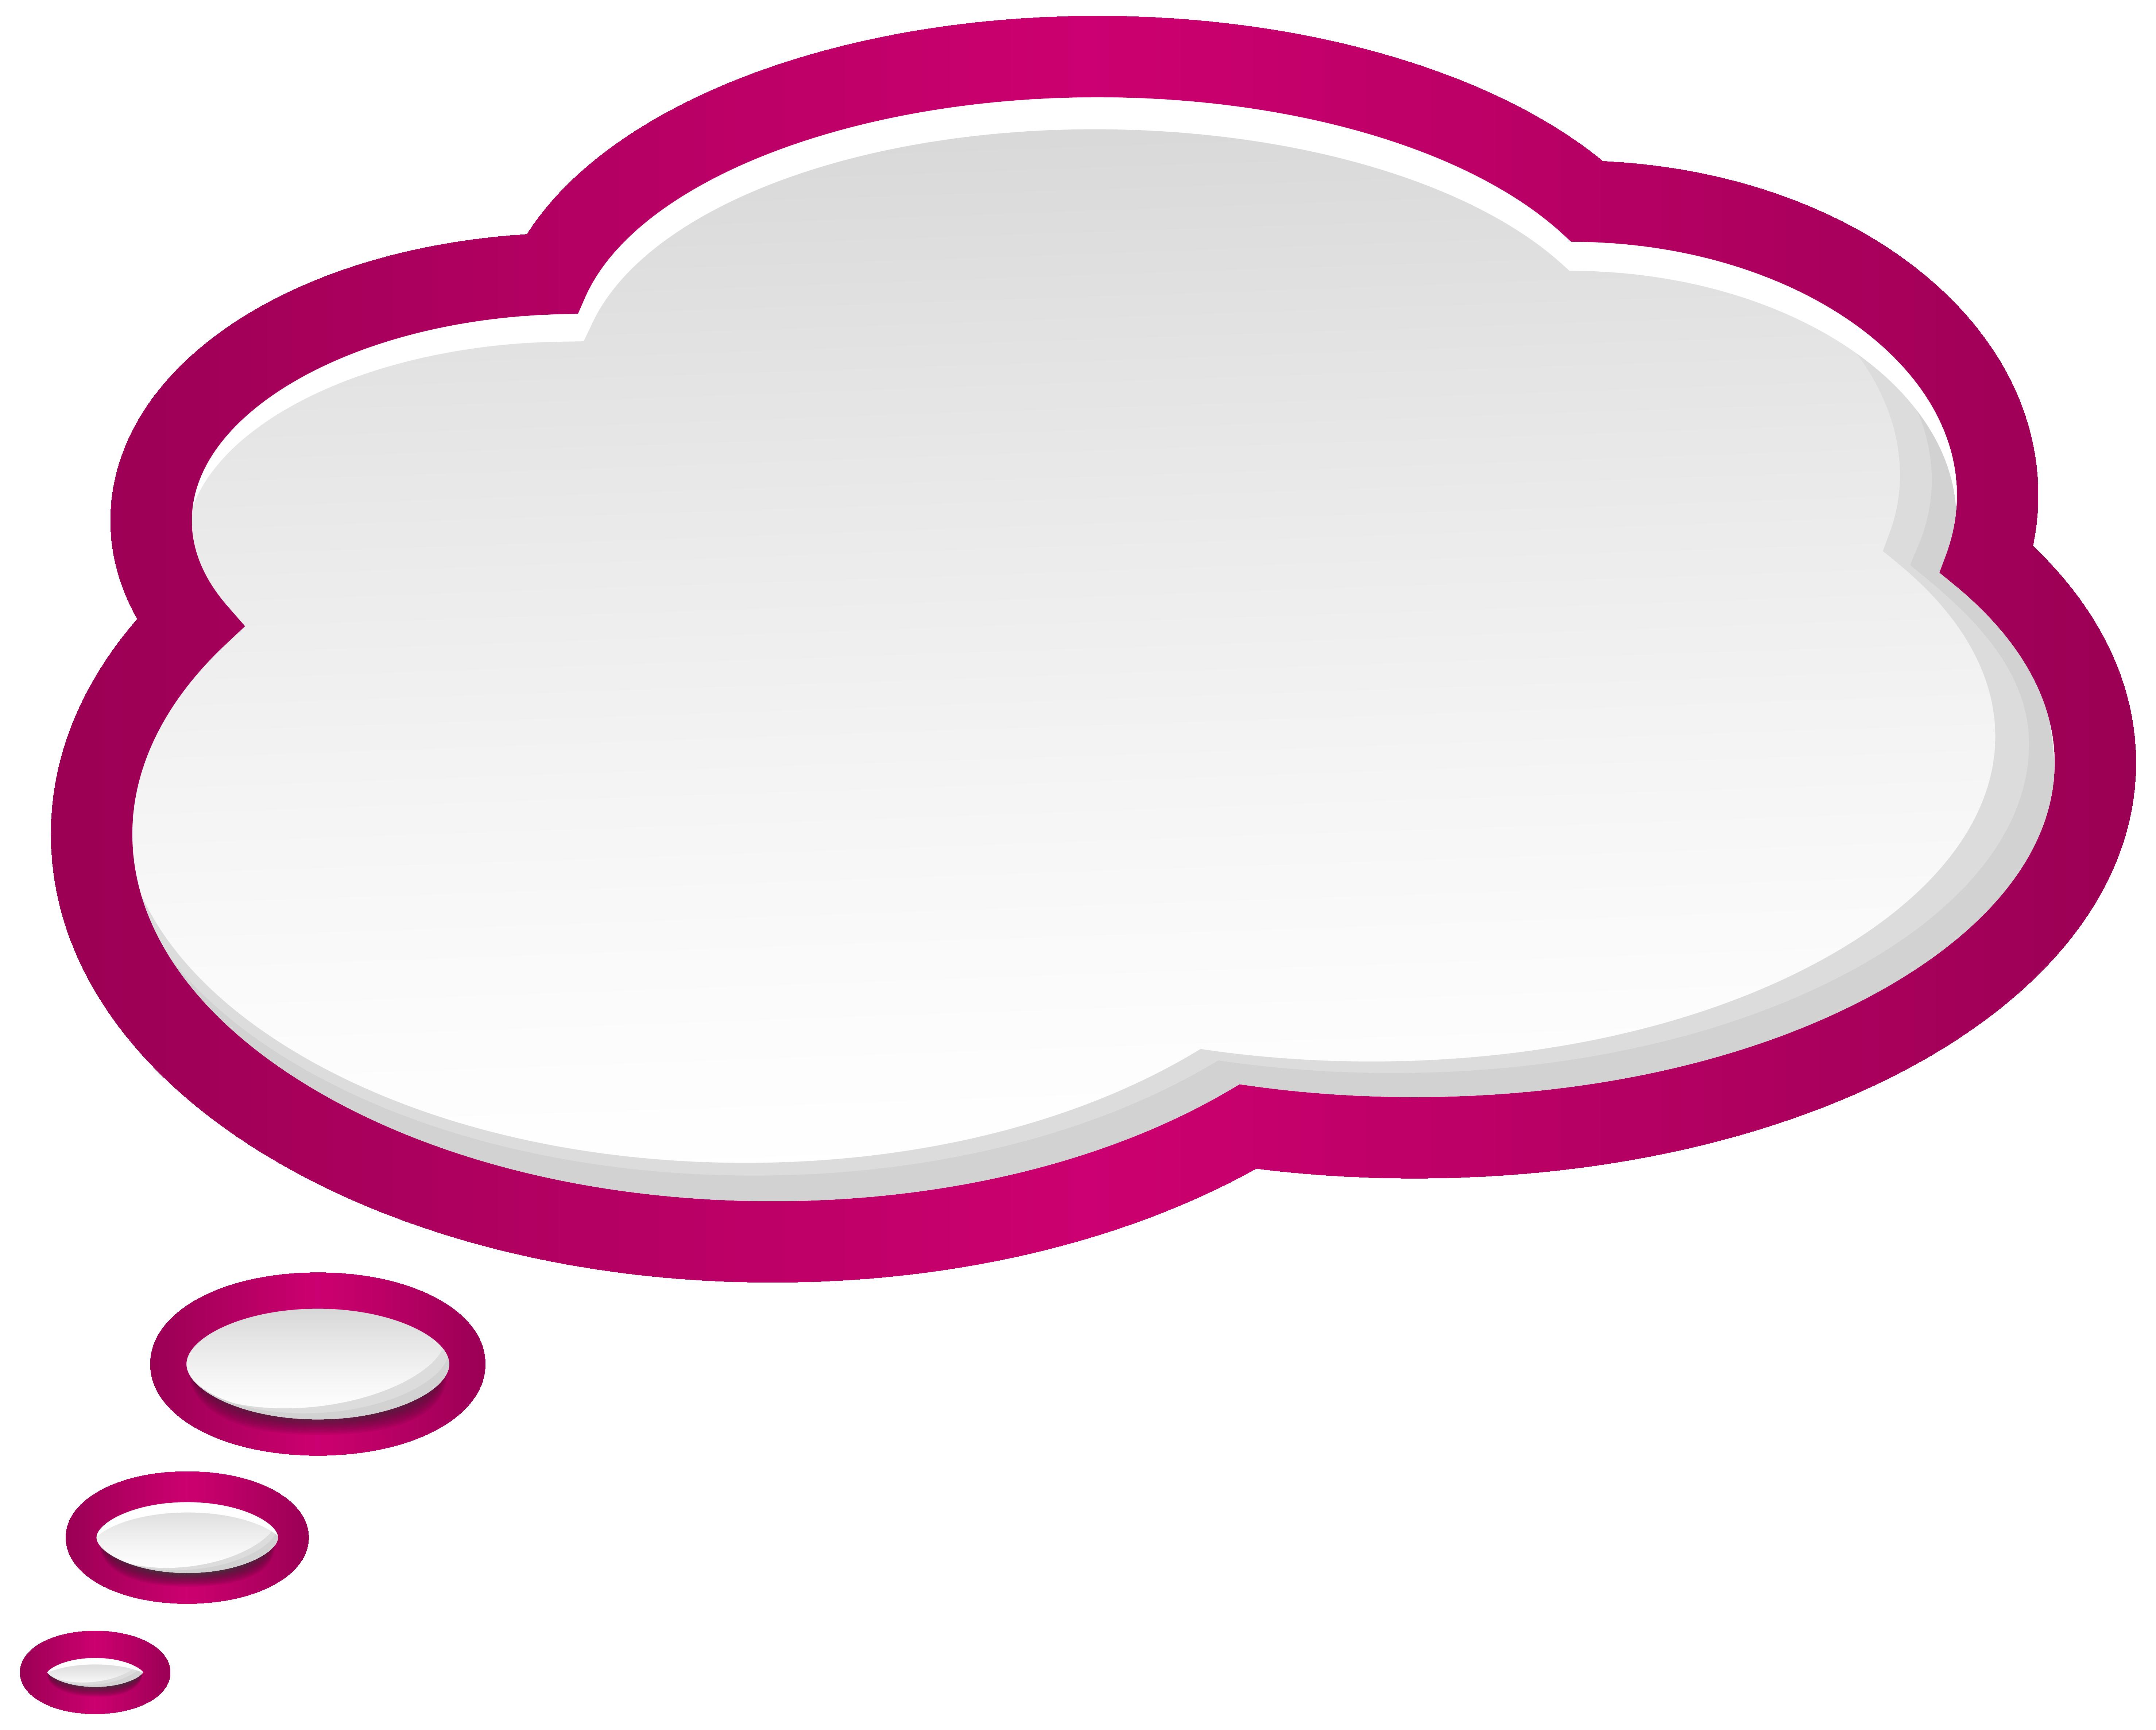 5911x4744 Bubble Speech Pink White Png Clip Art Imageu200b Gallery